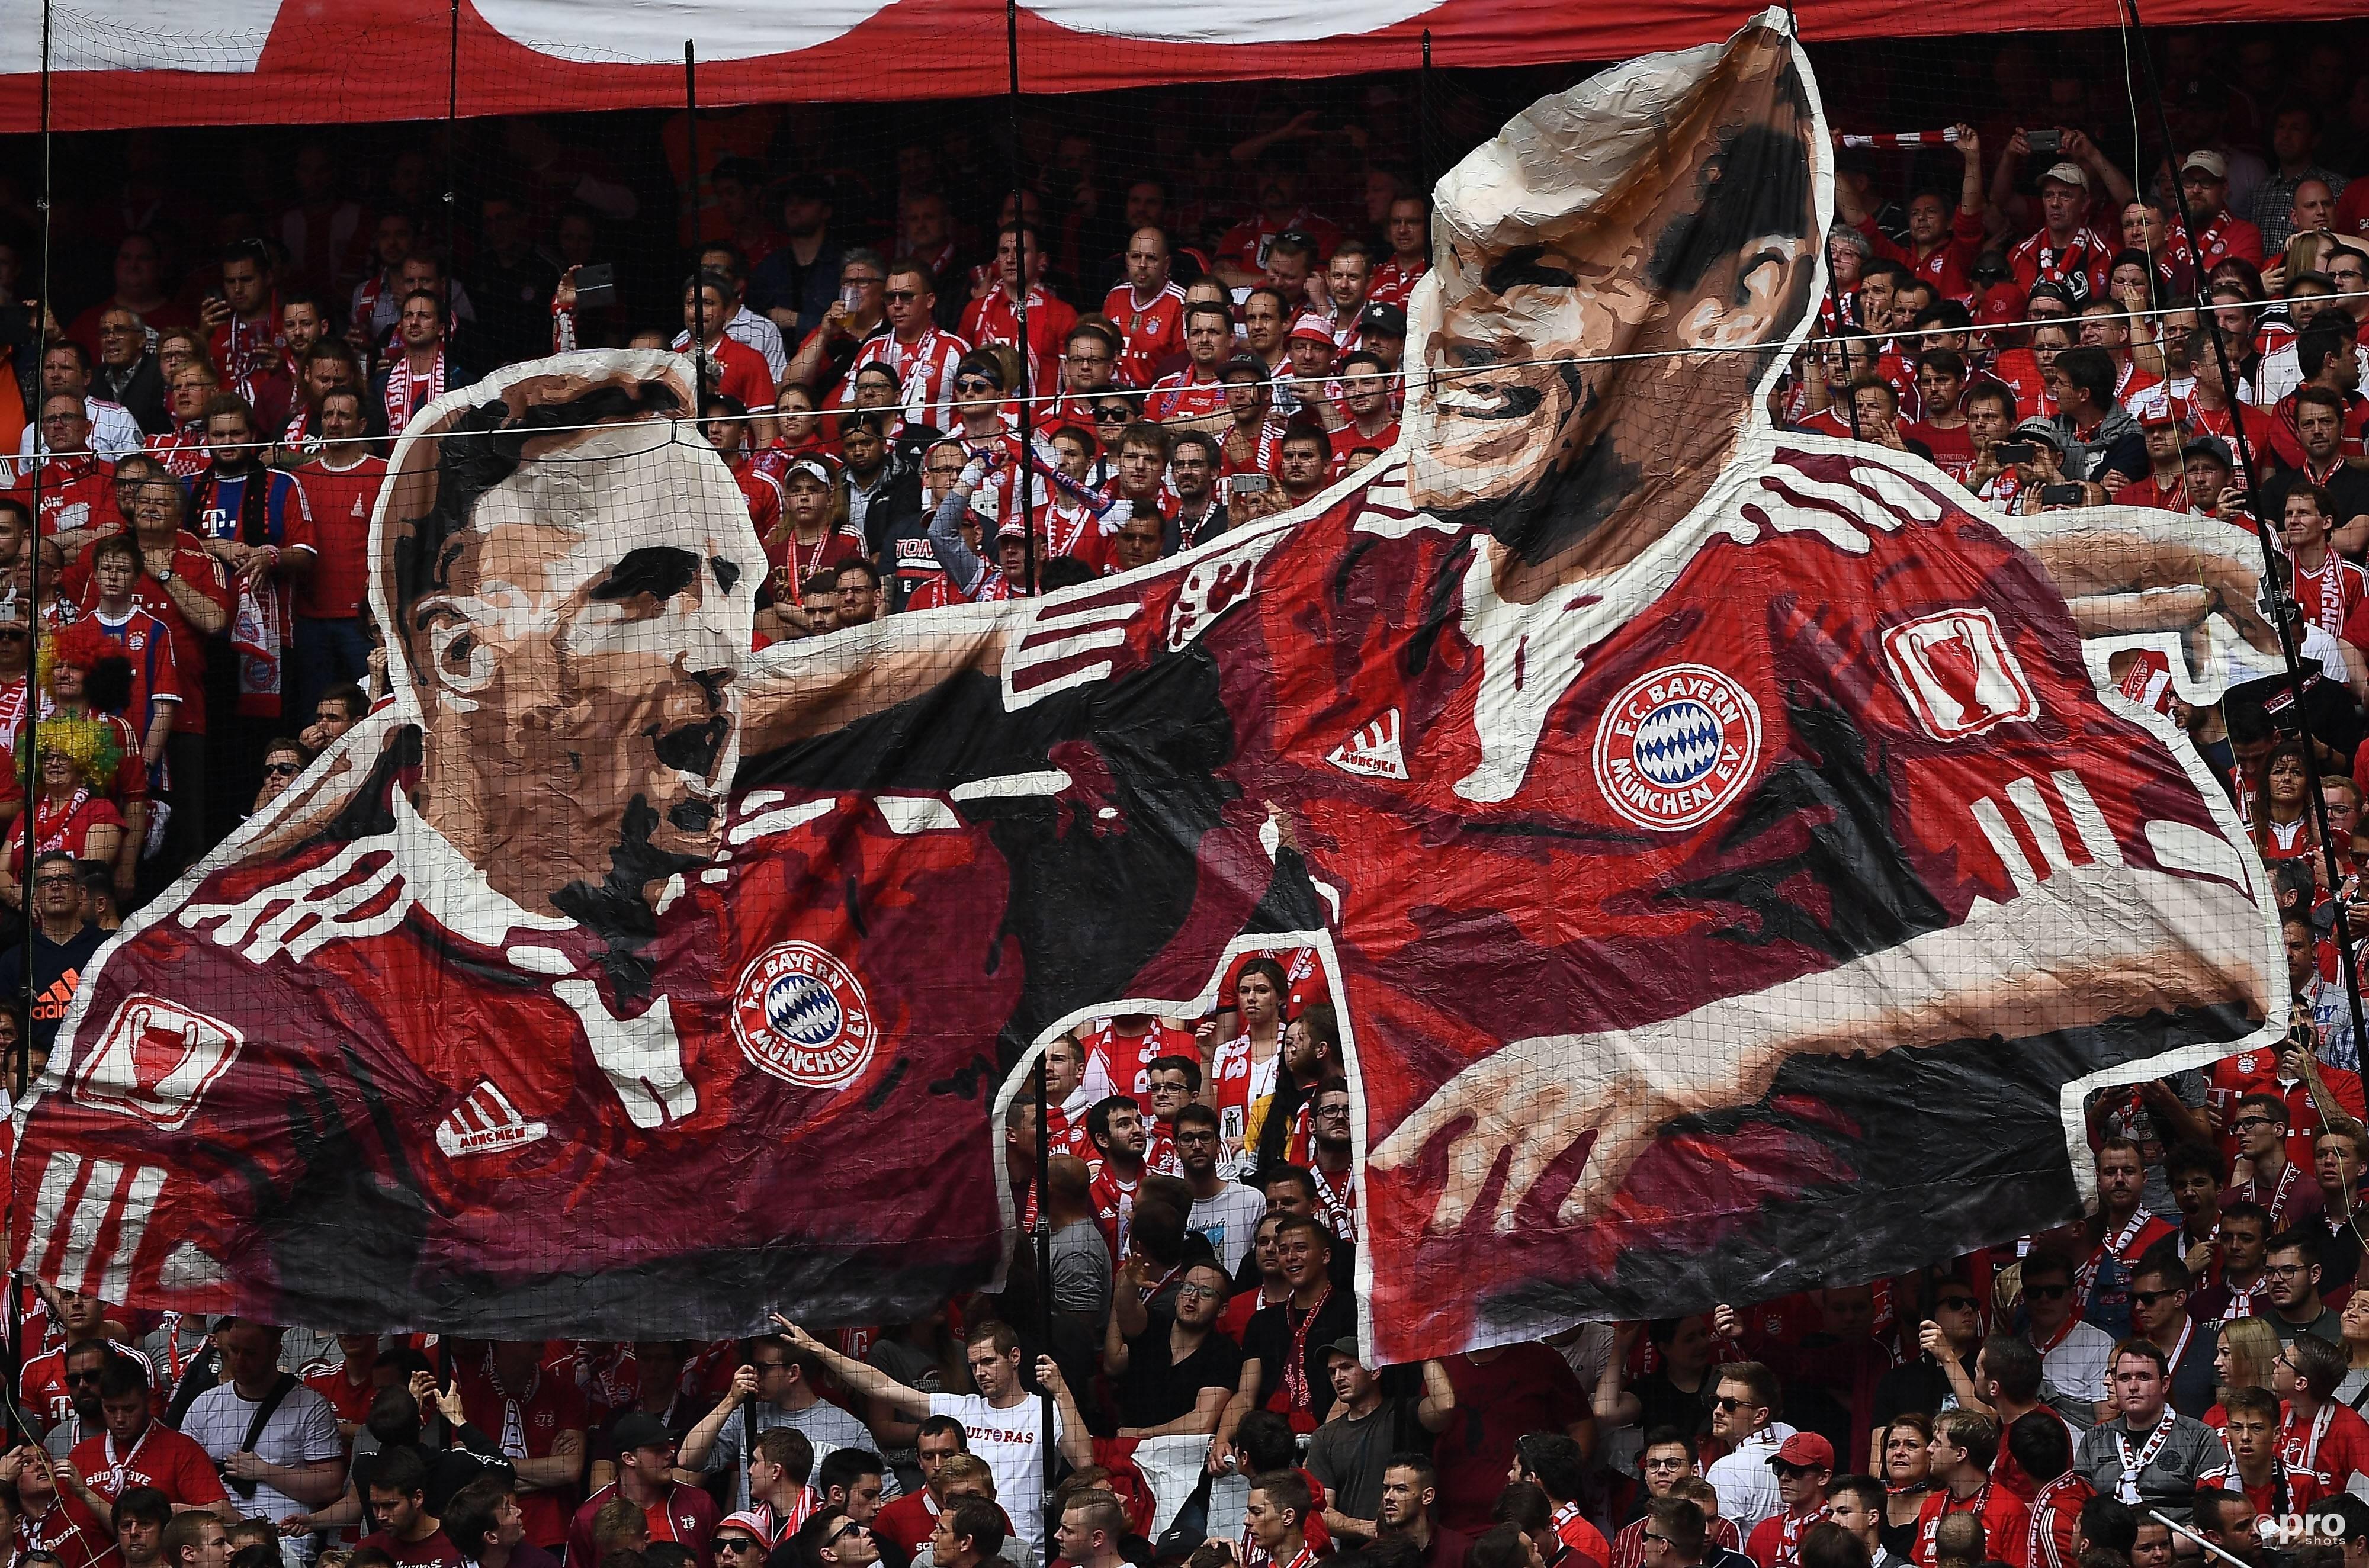 Bayern neemt afscheid van Ribery en Robben. (PRO SHOTS/Imago)